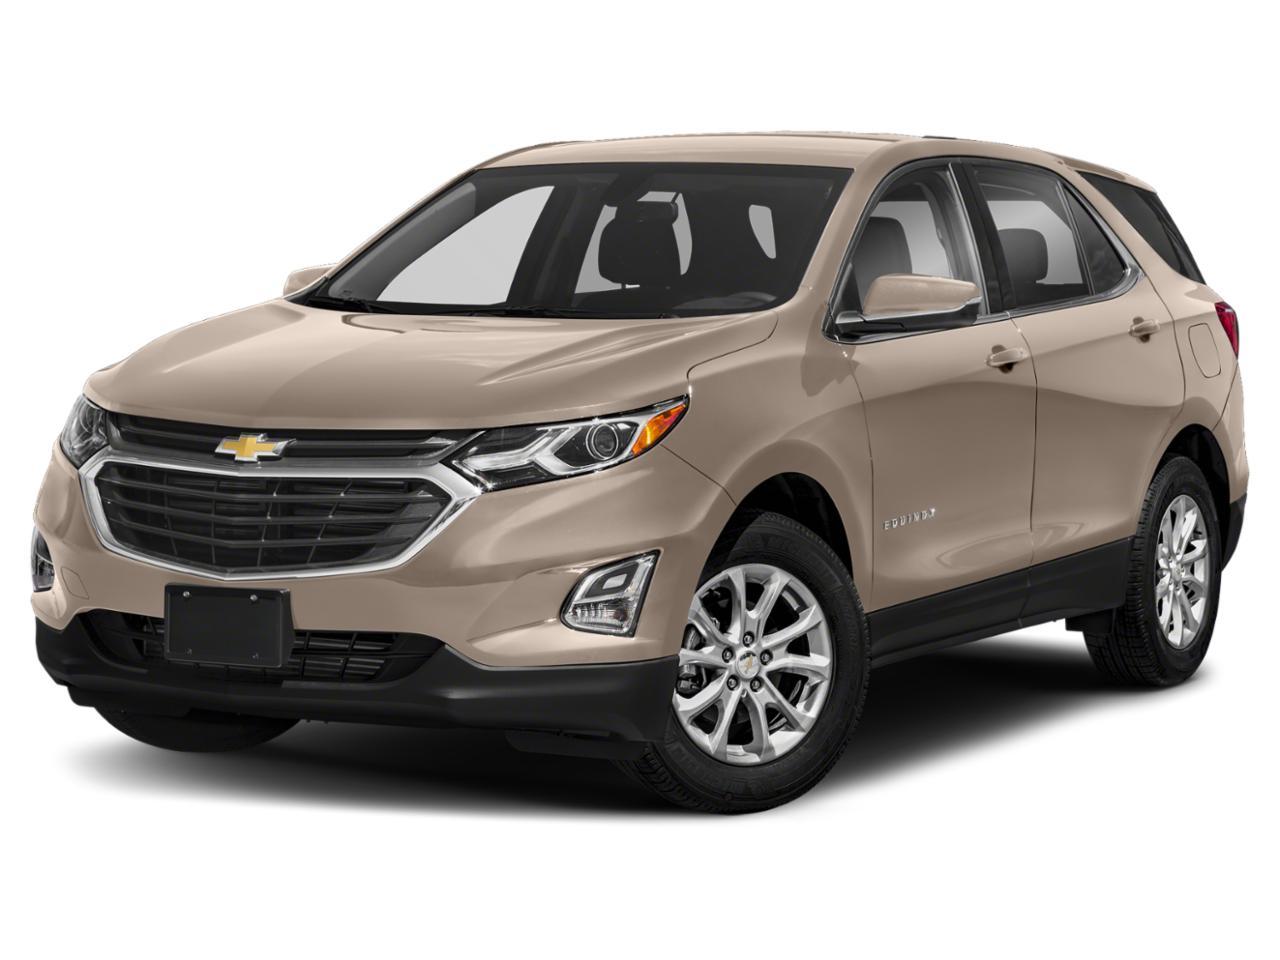 2018 Chevrolet Equinox Vehicle Photo in Champlain, NY 12919